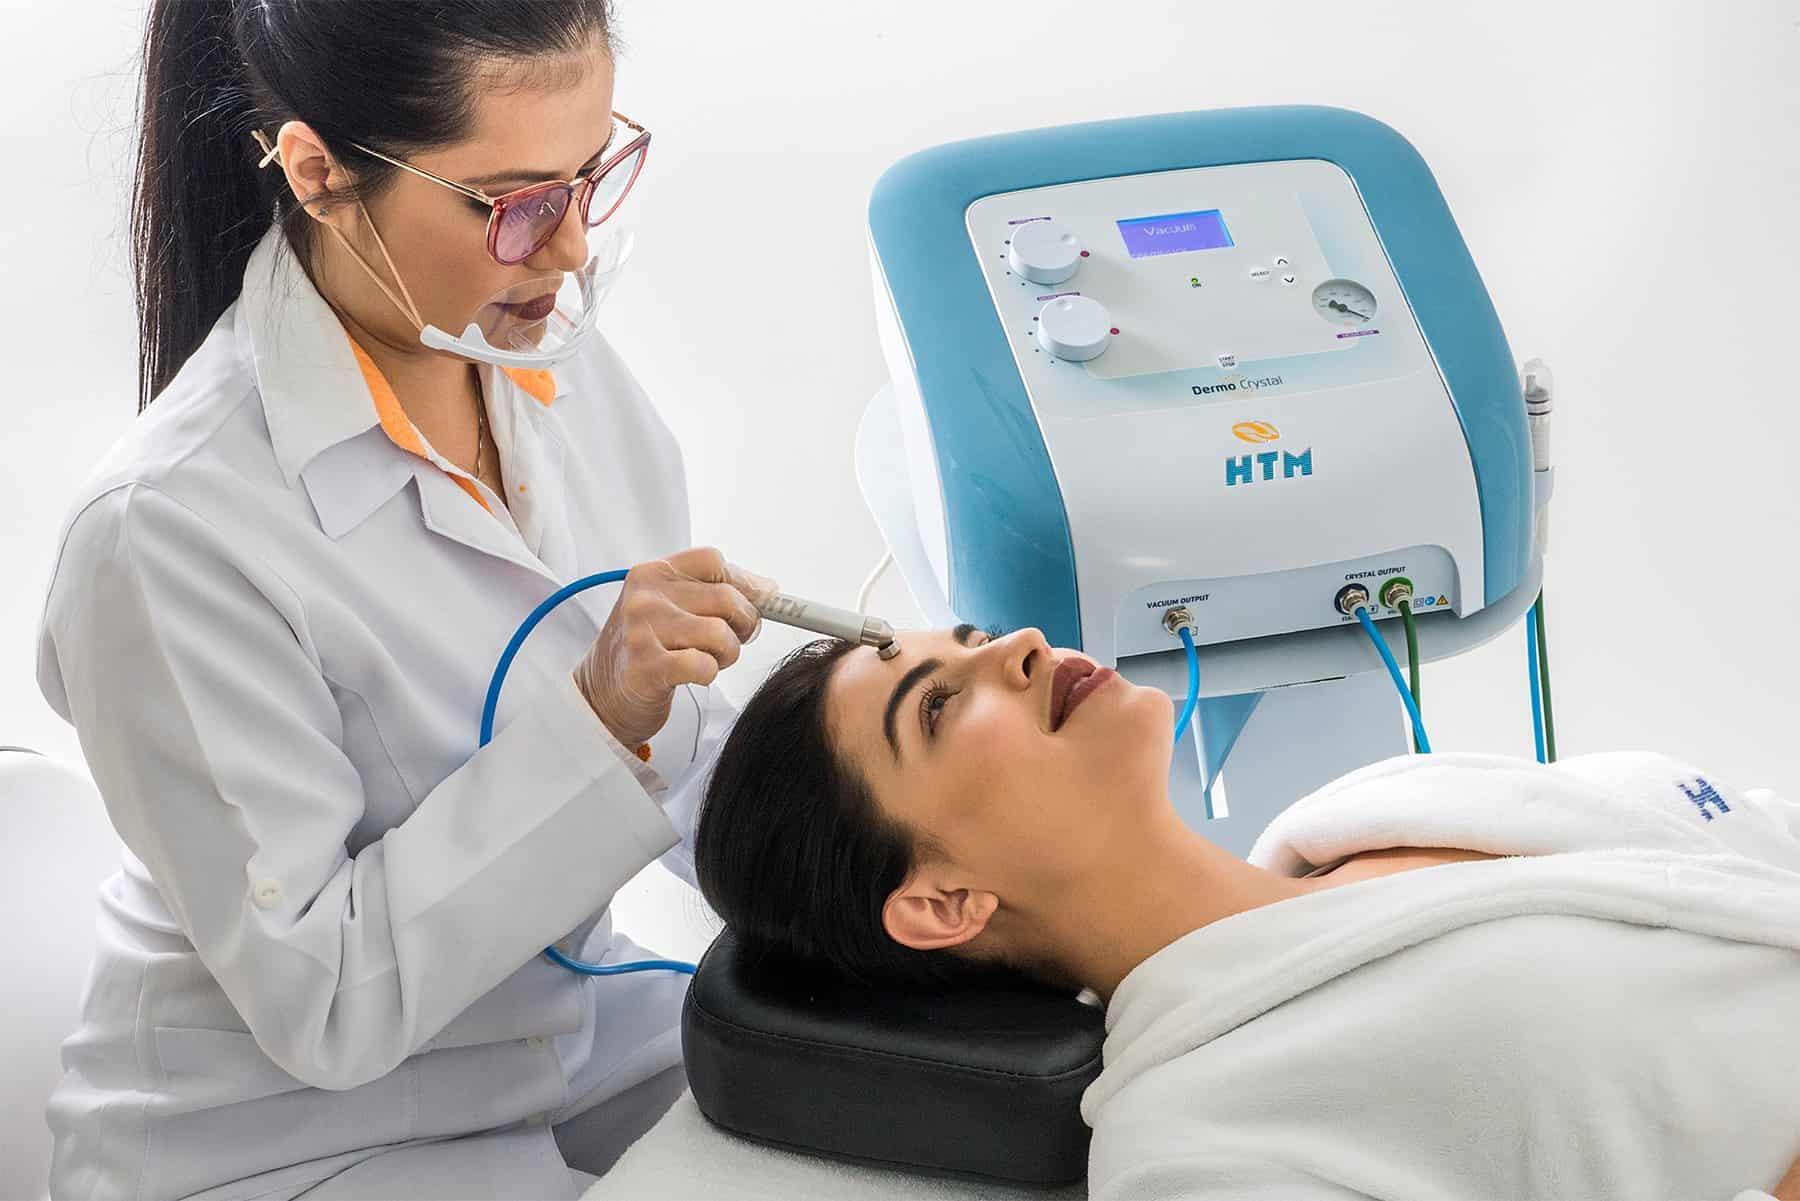 Aplicação Peeling Dermo Crystal da HTM